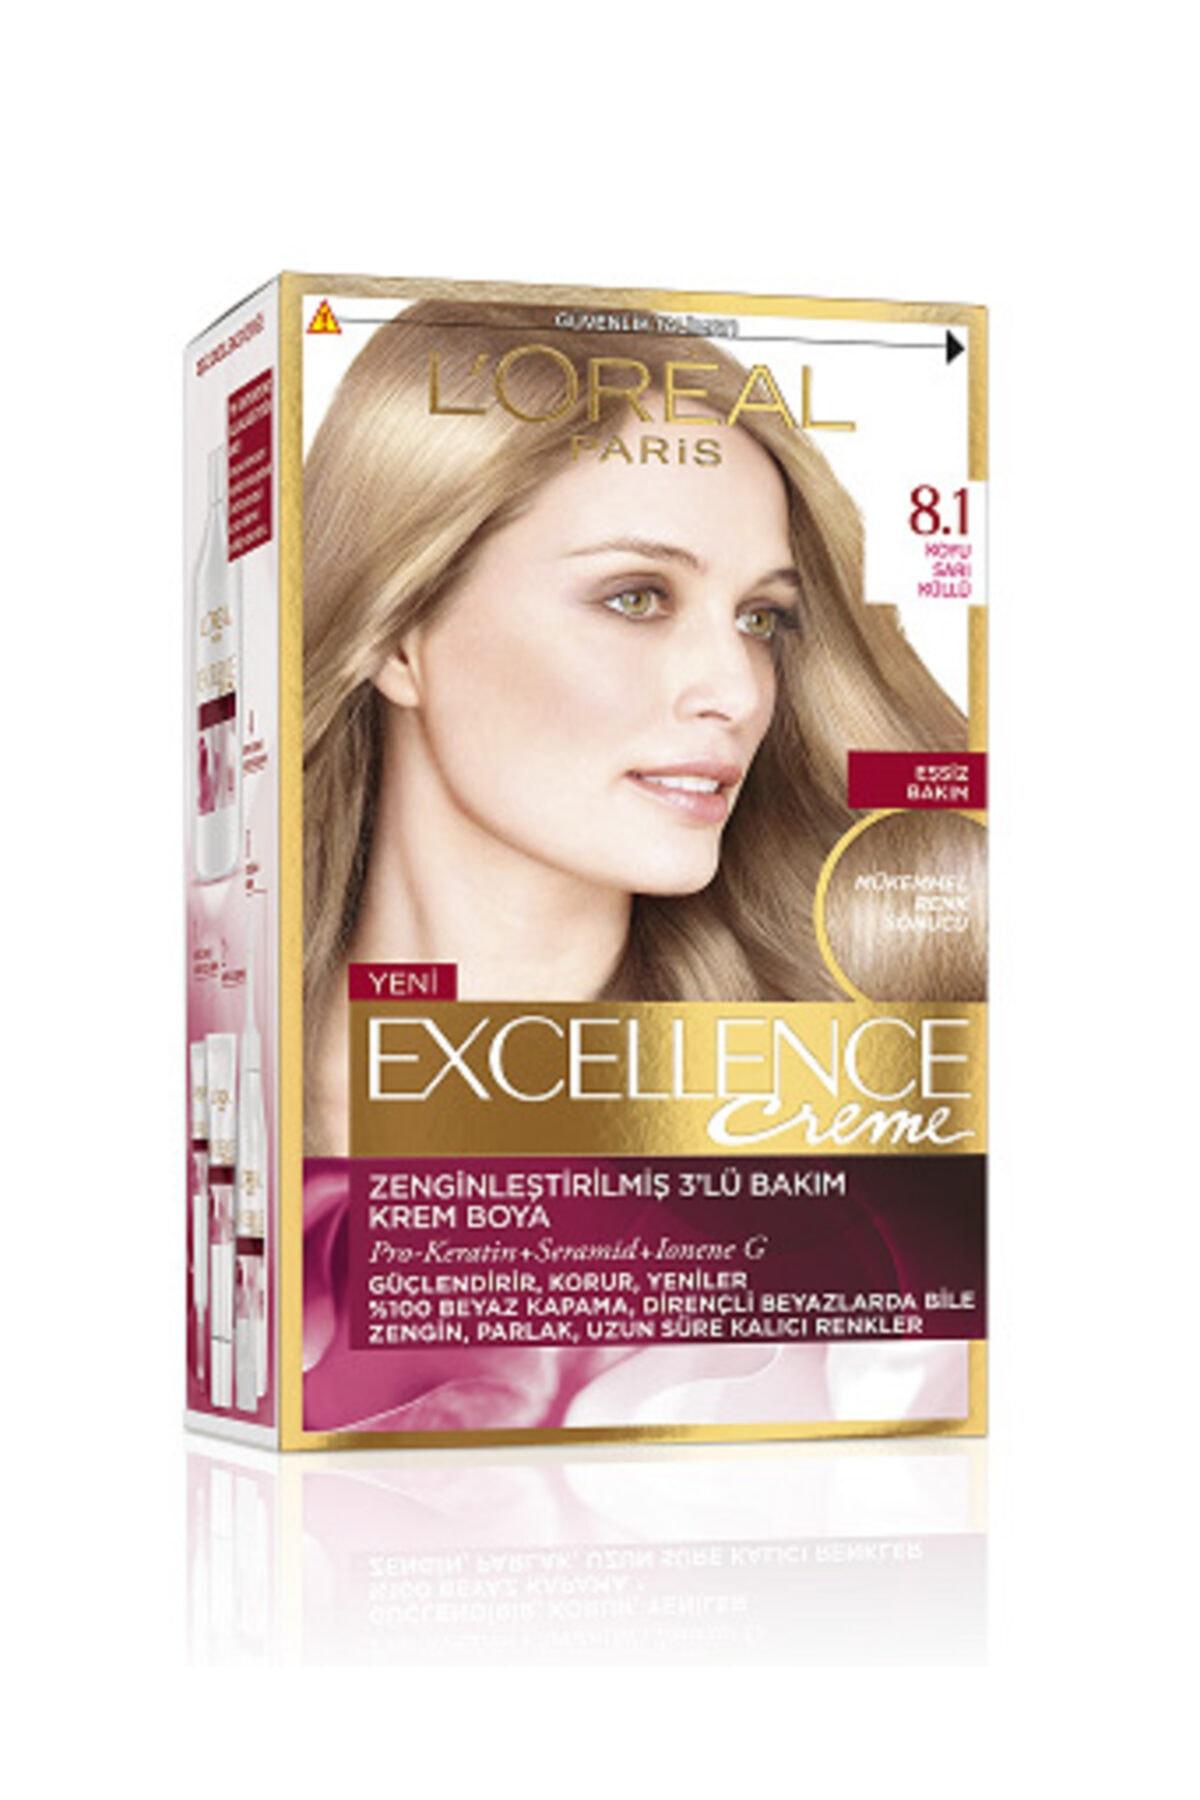 L'Oreal Paris Excellence Creme Saç Boyası 8.1 Koyu Sarı Küllü 1